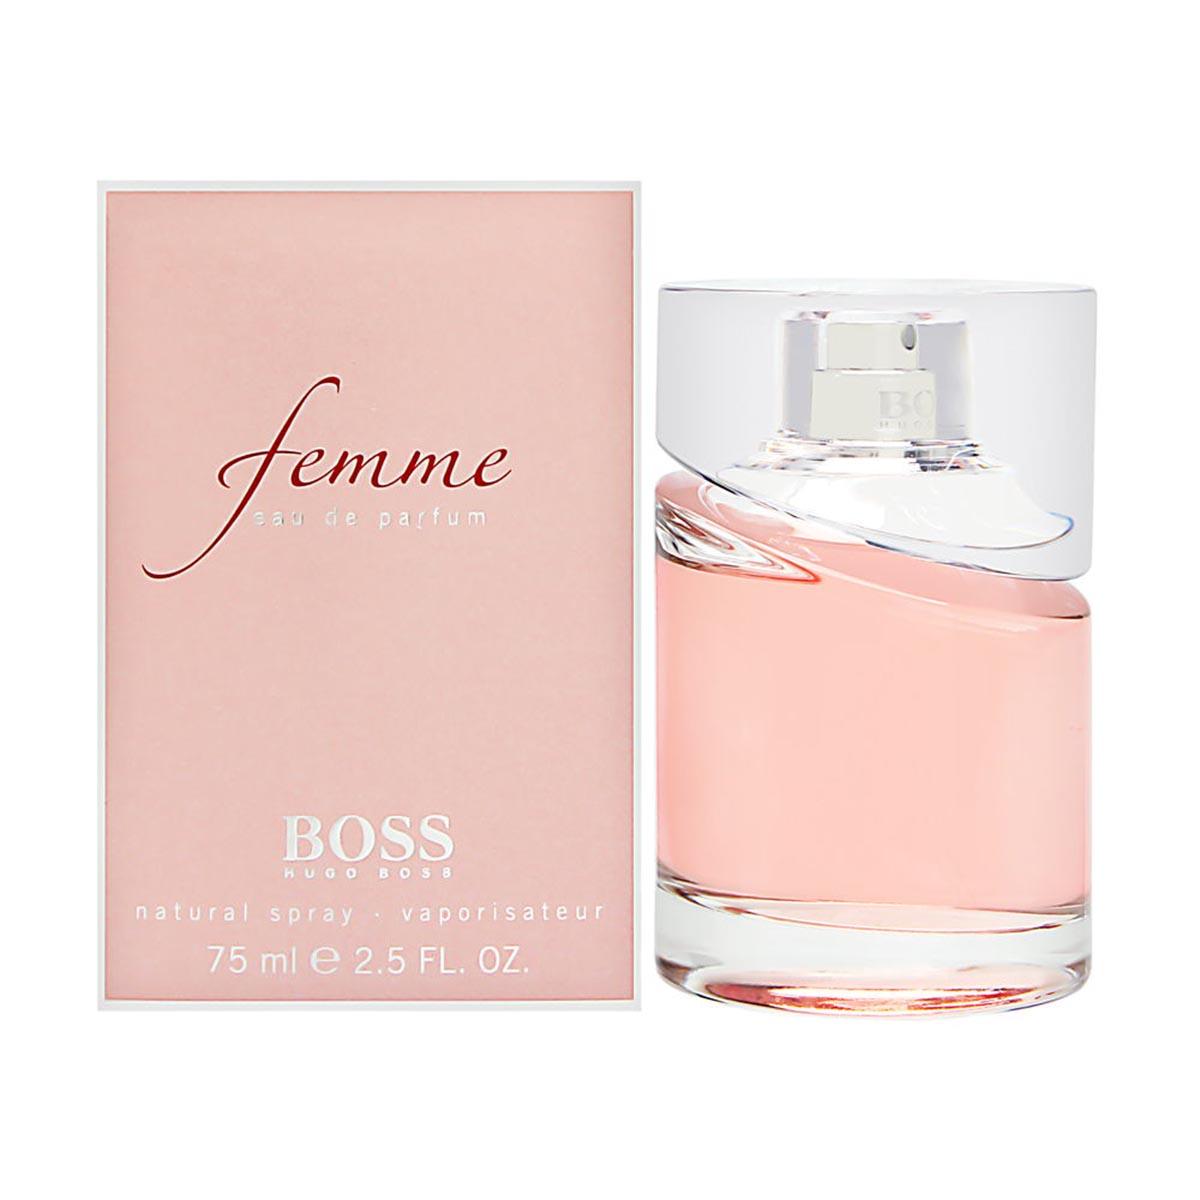 Hugo boss by femme eau de parfum 50ml vaporizador